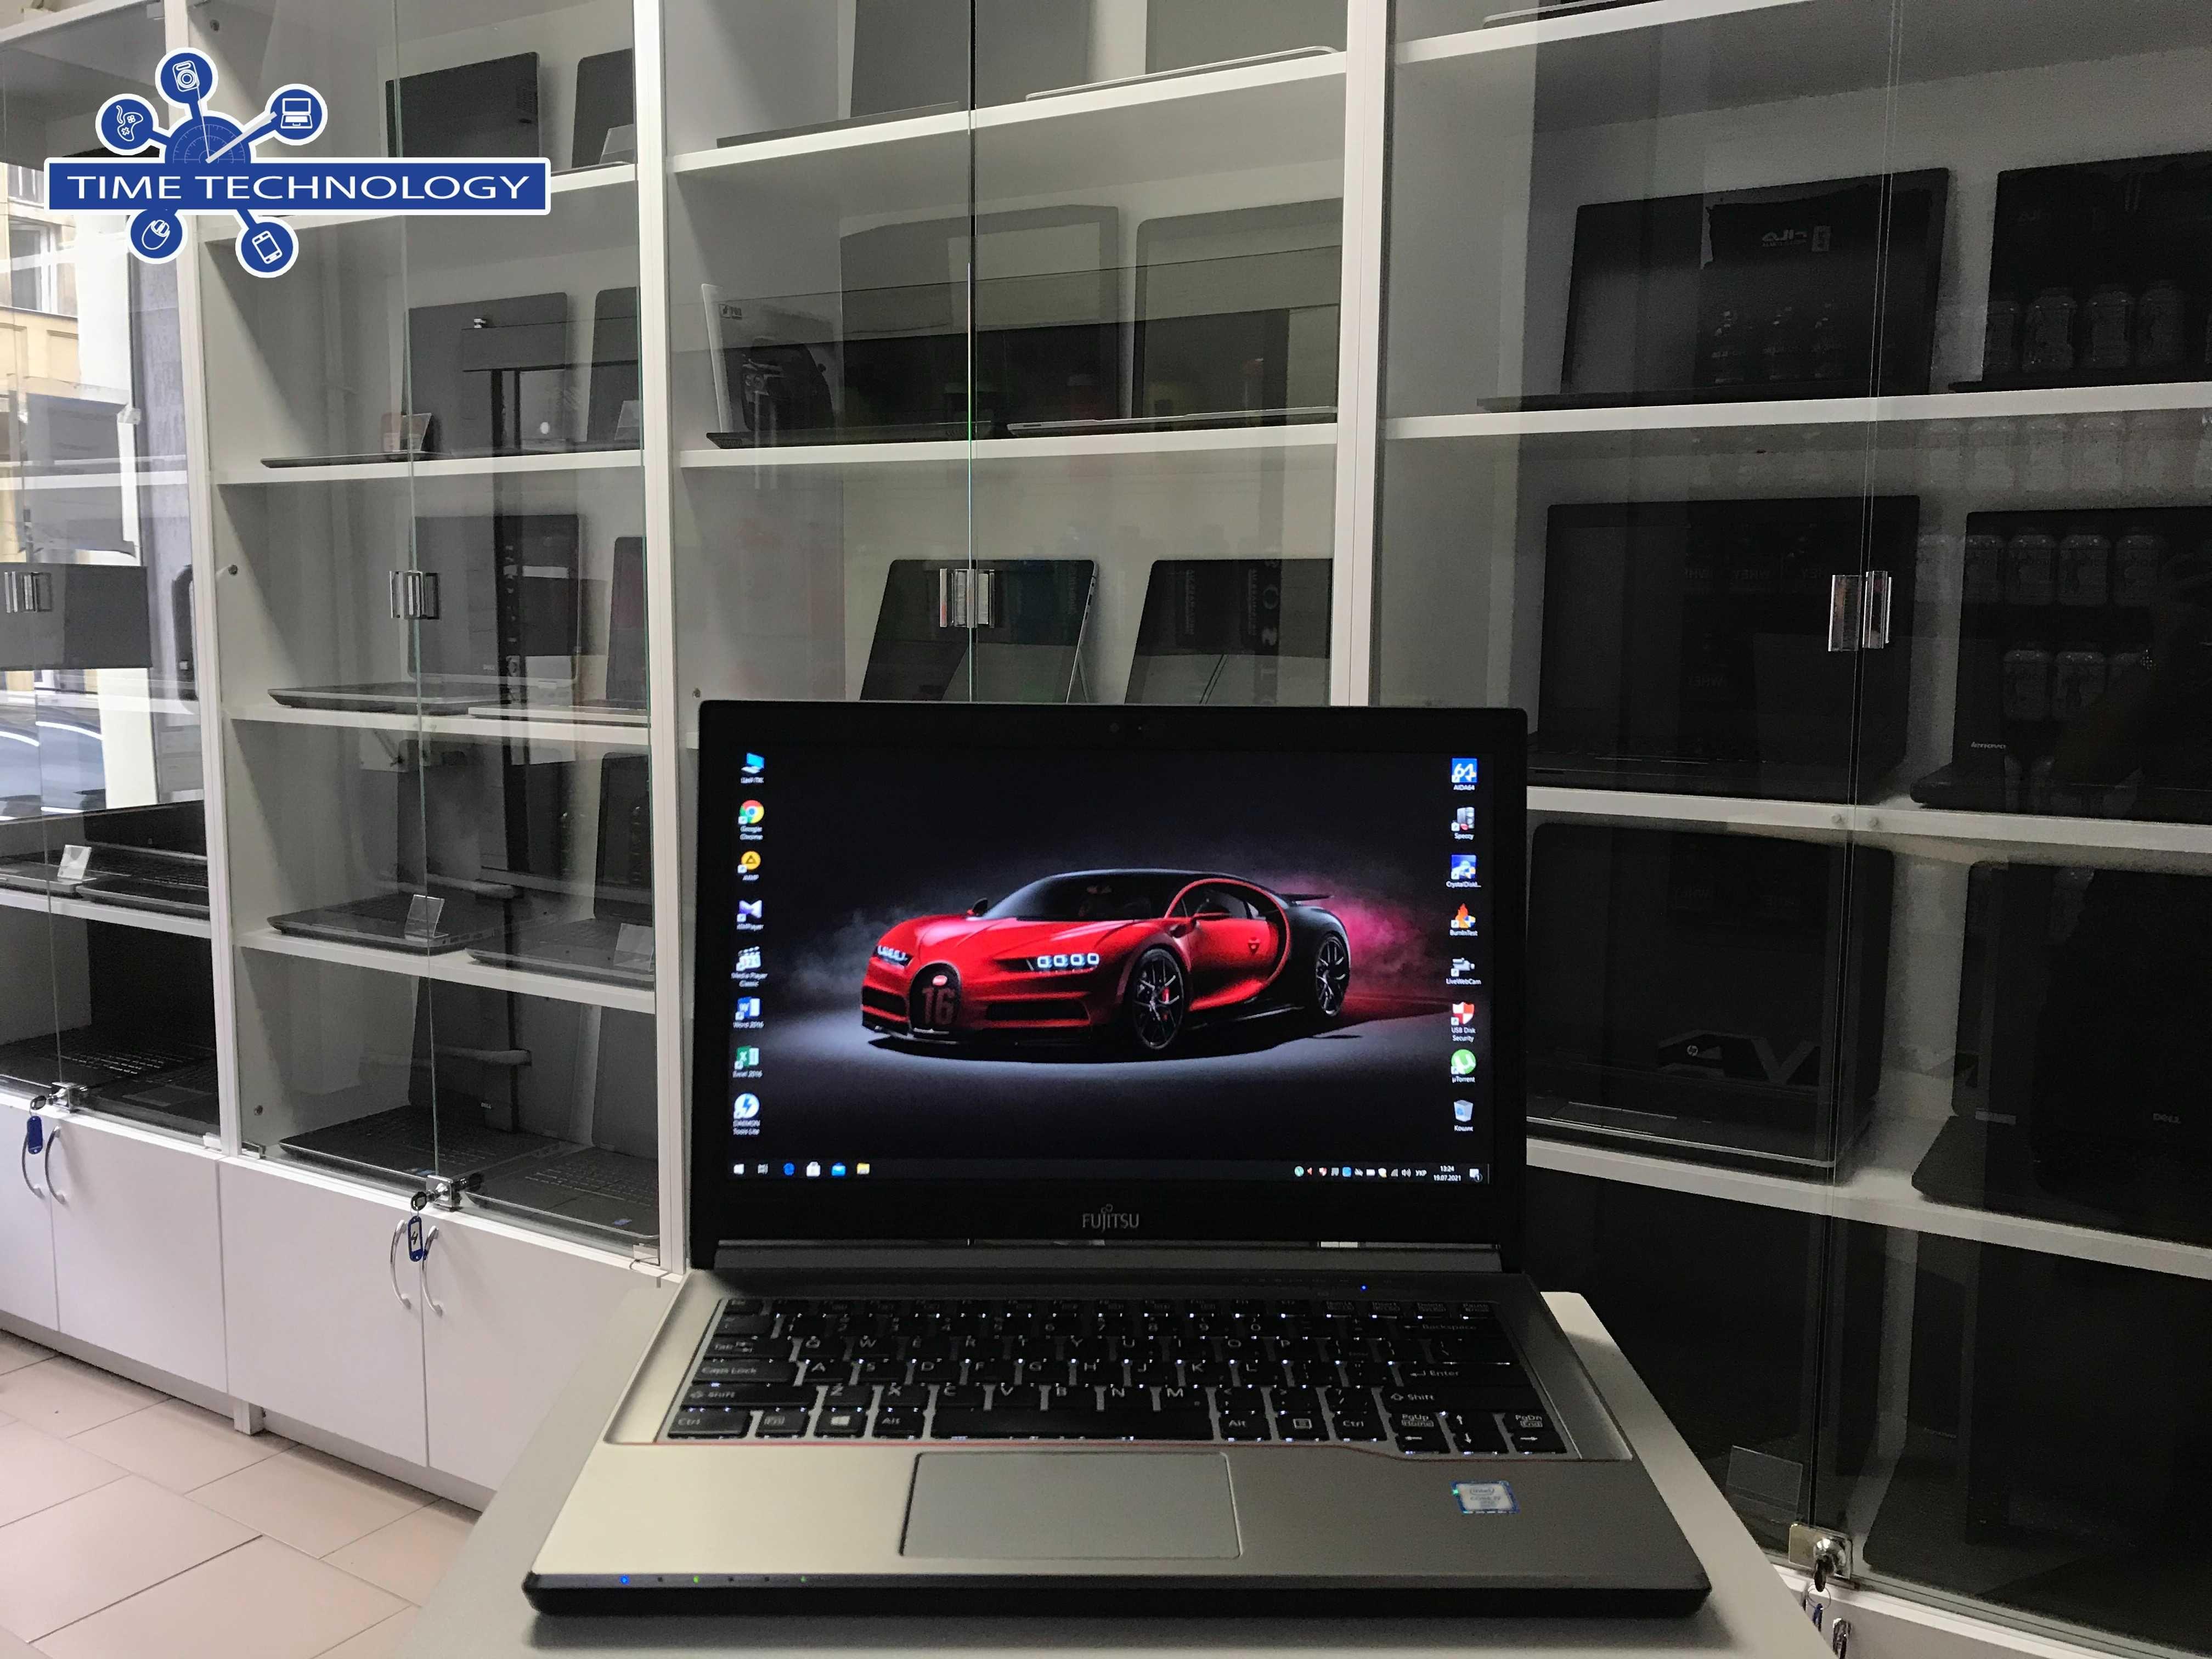 Ноутбук Fujitsu Lifebook E746 [Core i7] [HD+] [SSD] на Куліша 22